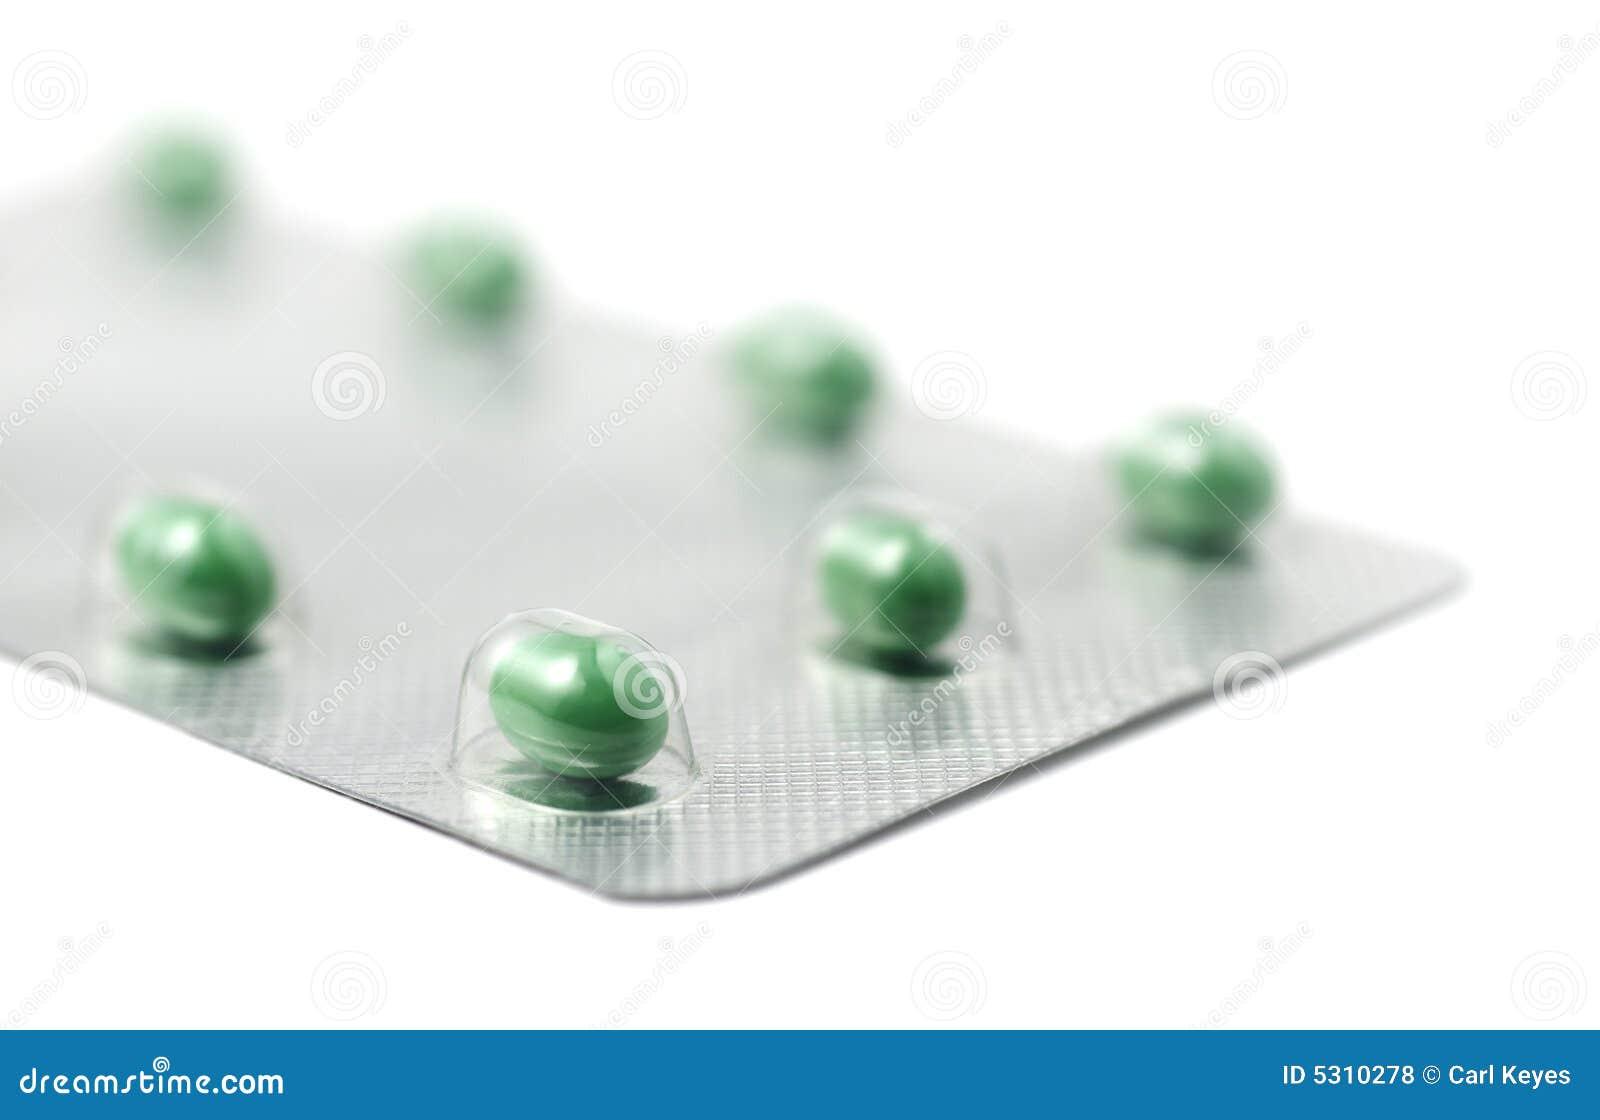 Download La Stagnola Verde Ha Impaccato Le Pillole Su Bianco Fotografia Stock - Immagine di contenitore, pillole: 5310278